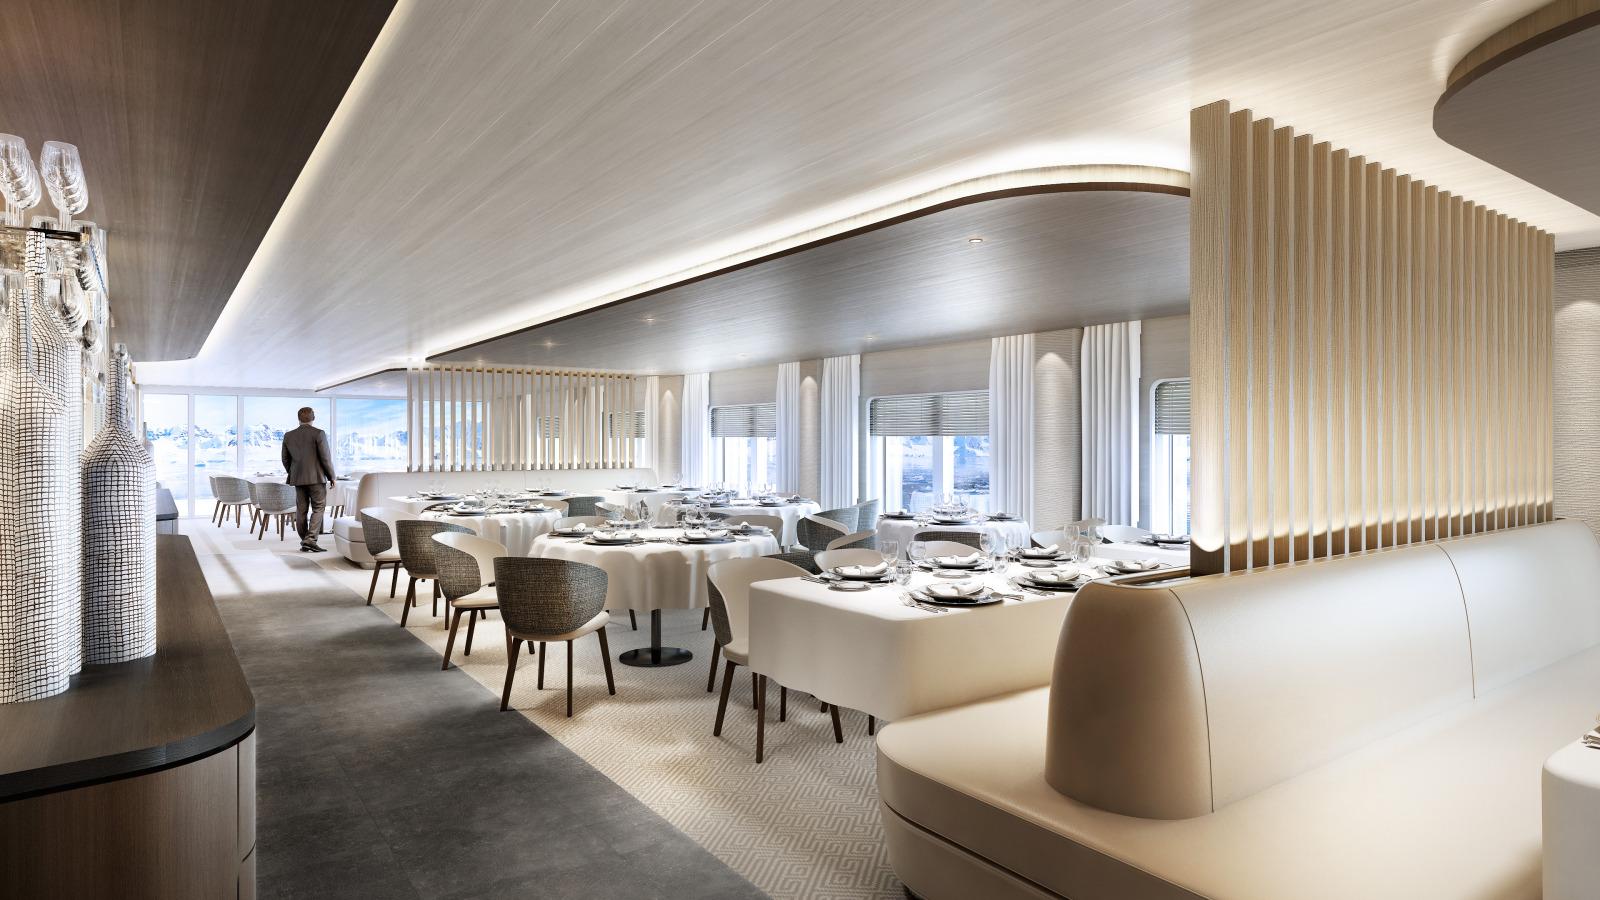 Le Commandant Charcot - Restaurant ©Studio Jean-Philippe Nuel